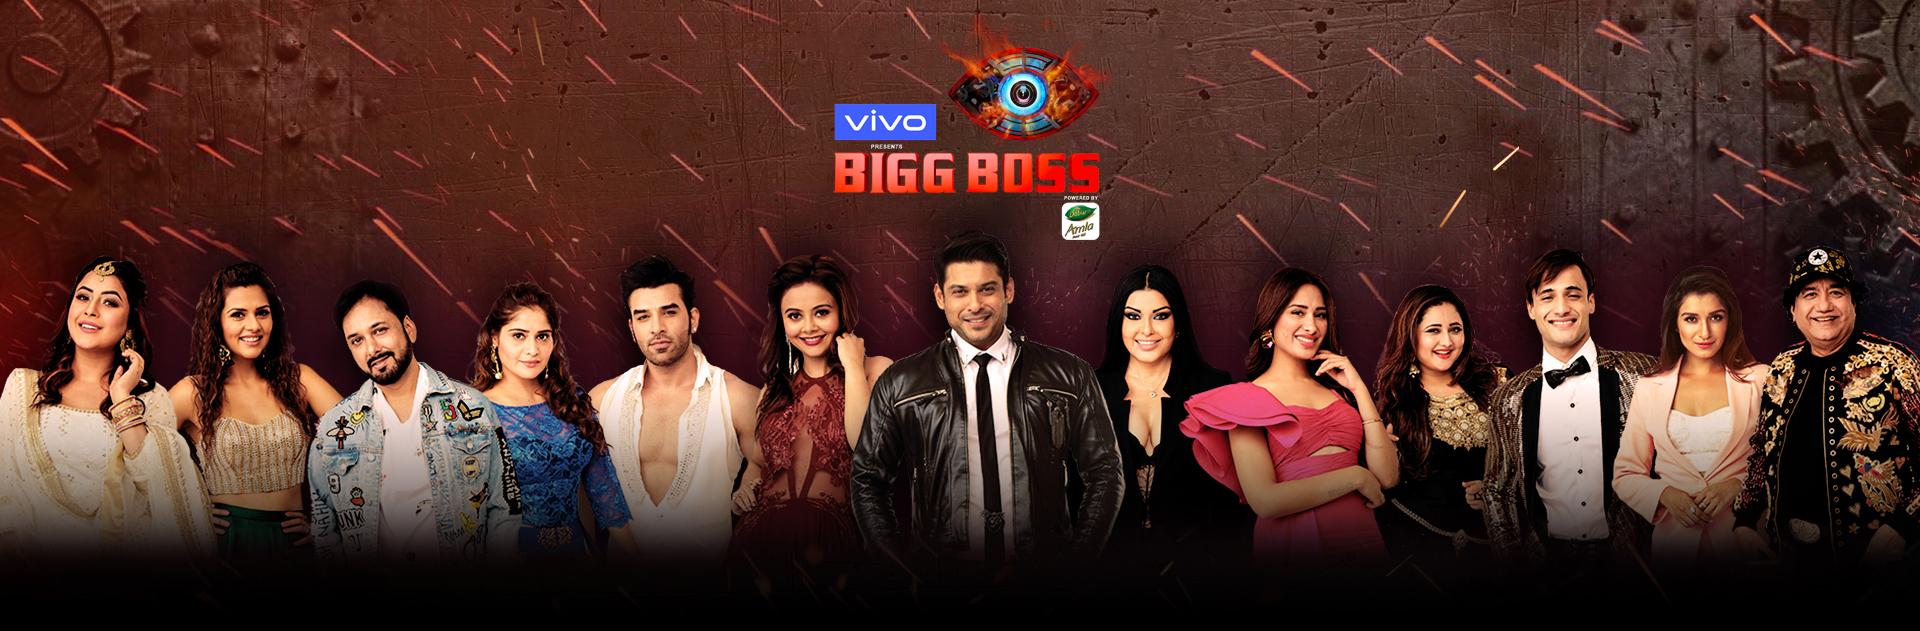 The Ultimate Bigg Boss 13 Contestants Colorstv